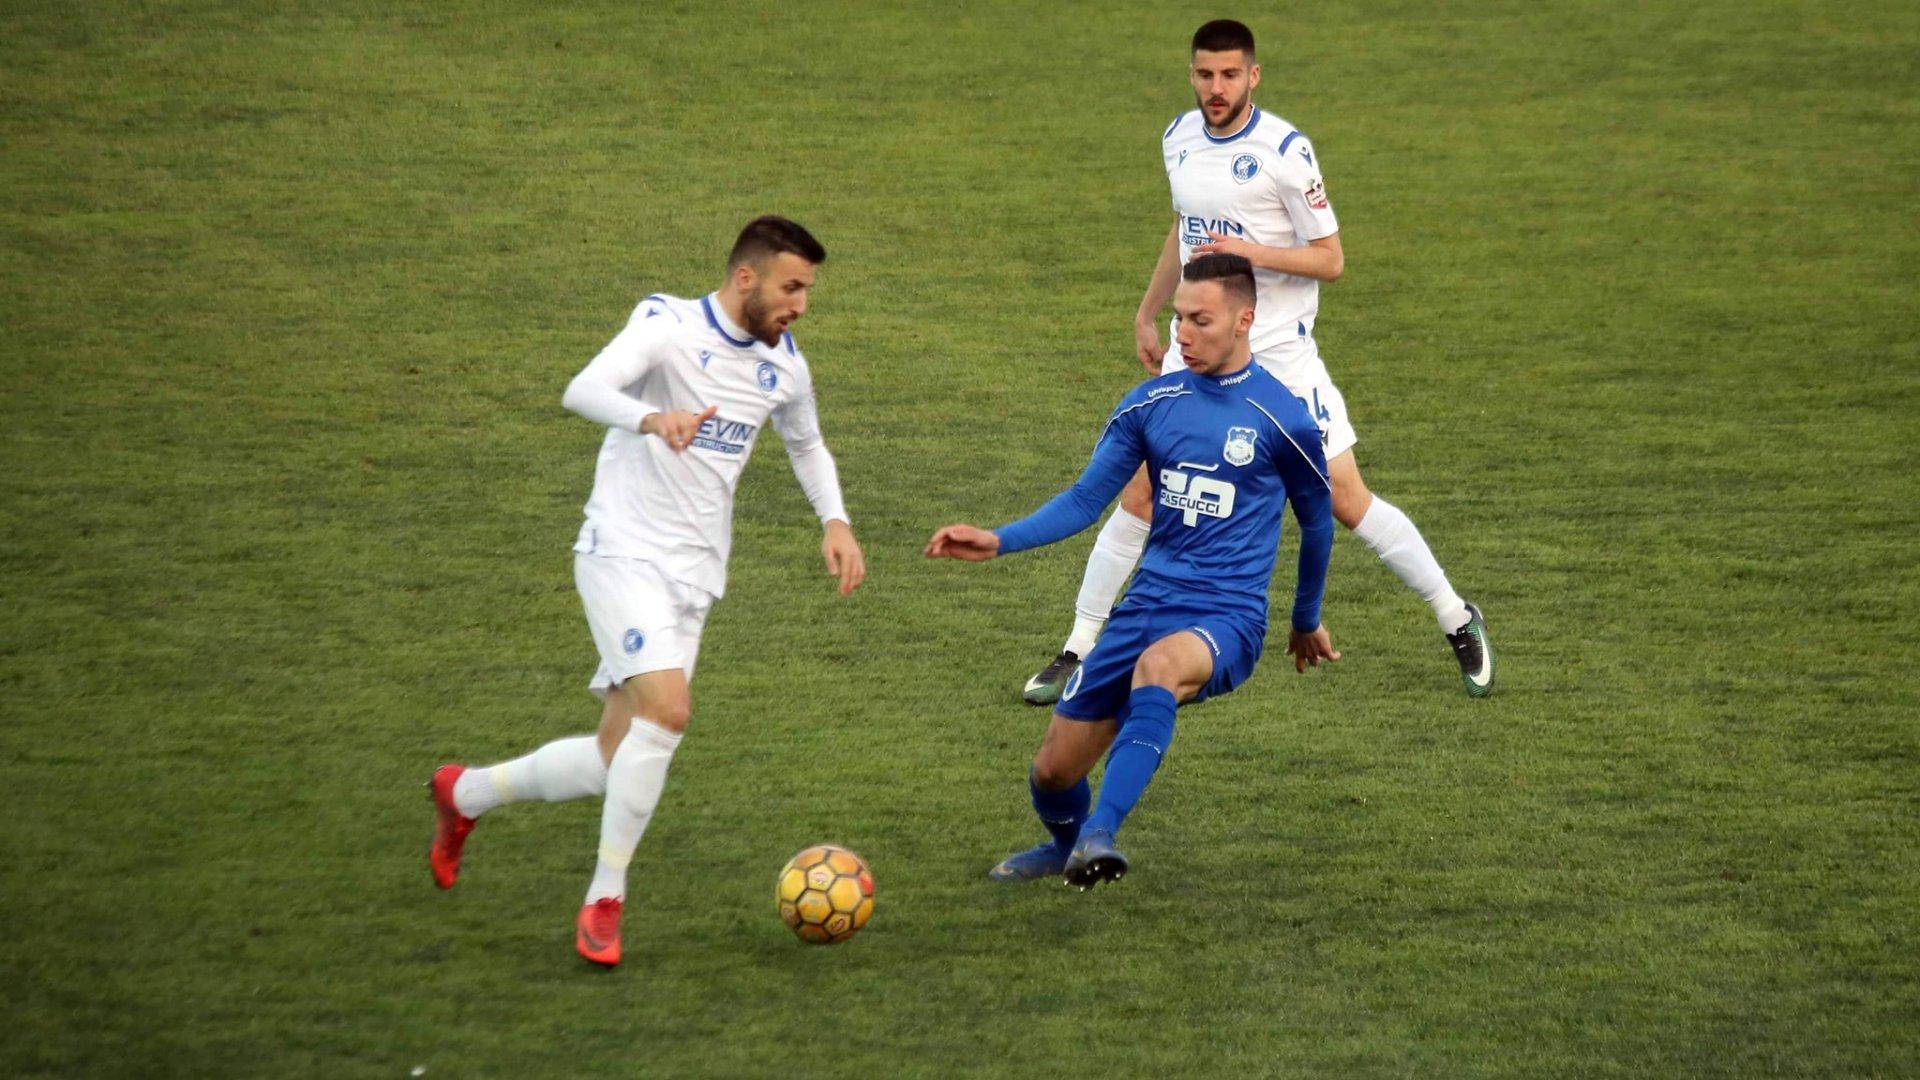 Mesatarja e pikëve: FSHF publikon shifrat, Tirana lë pas Manchester City